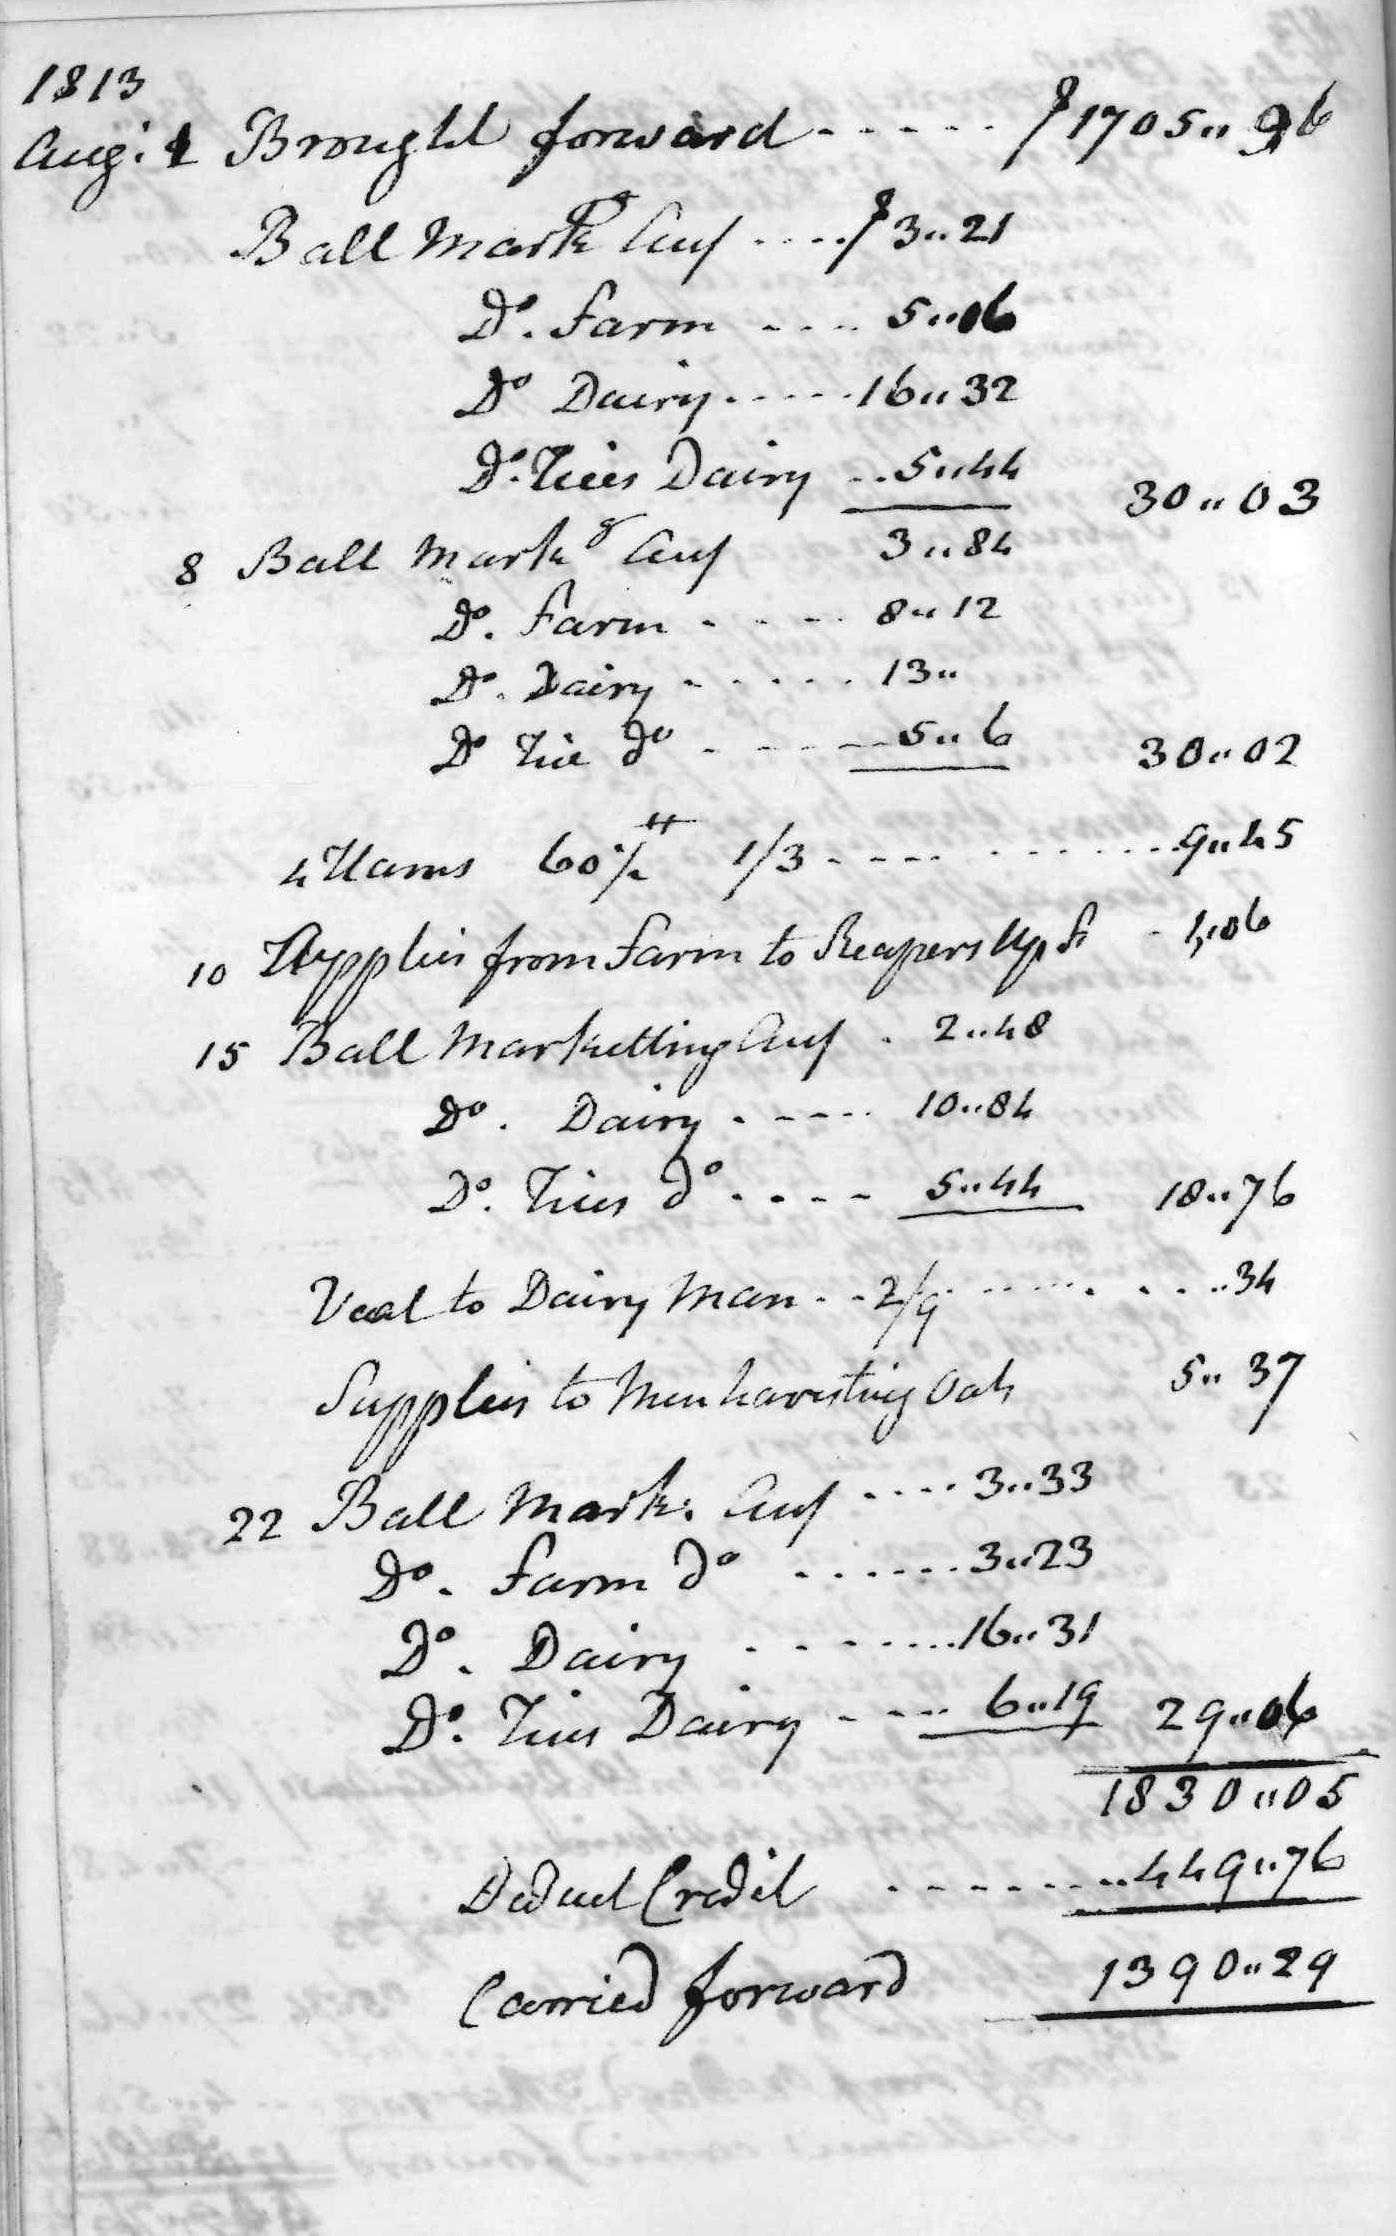 Gouverneur Morris Cash Book, folio 21, left side